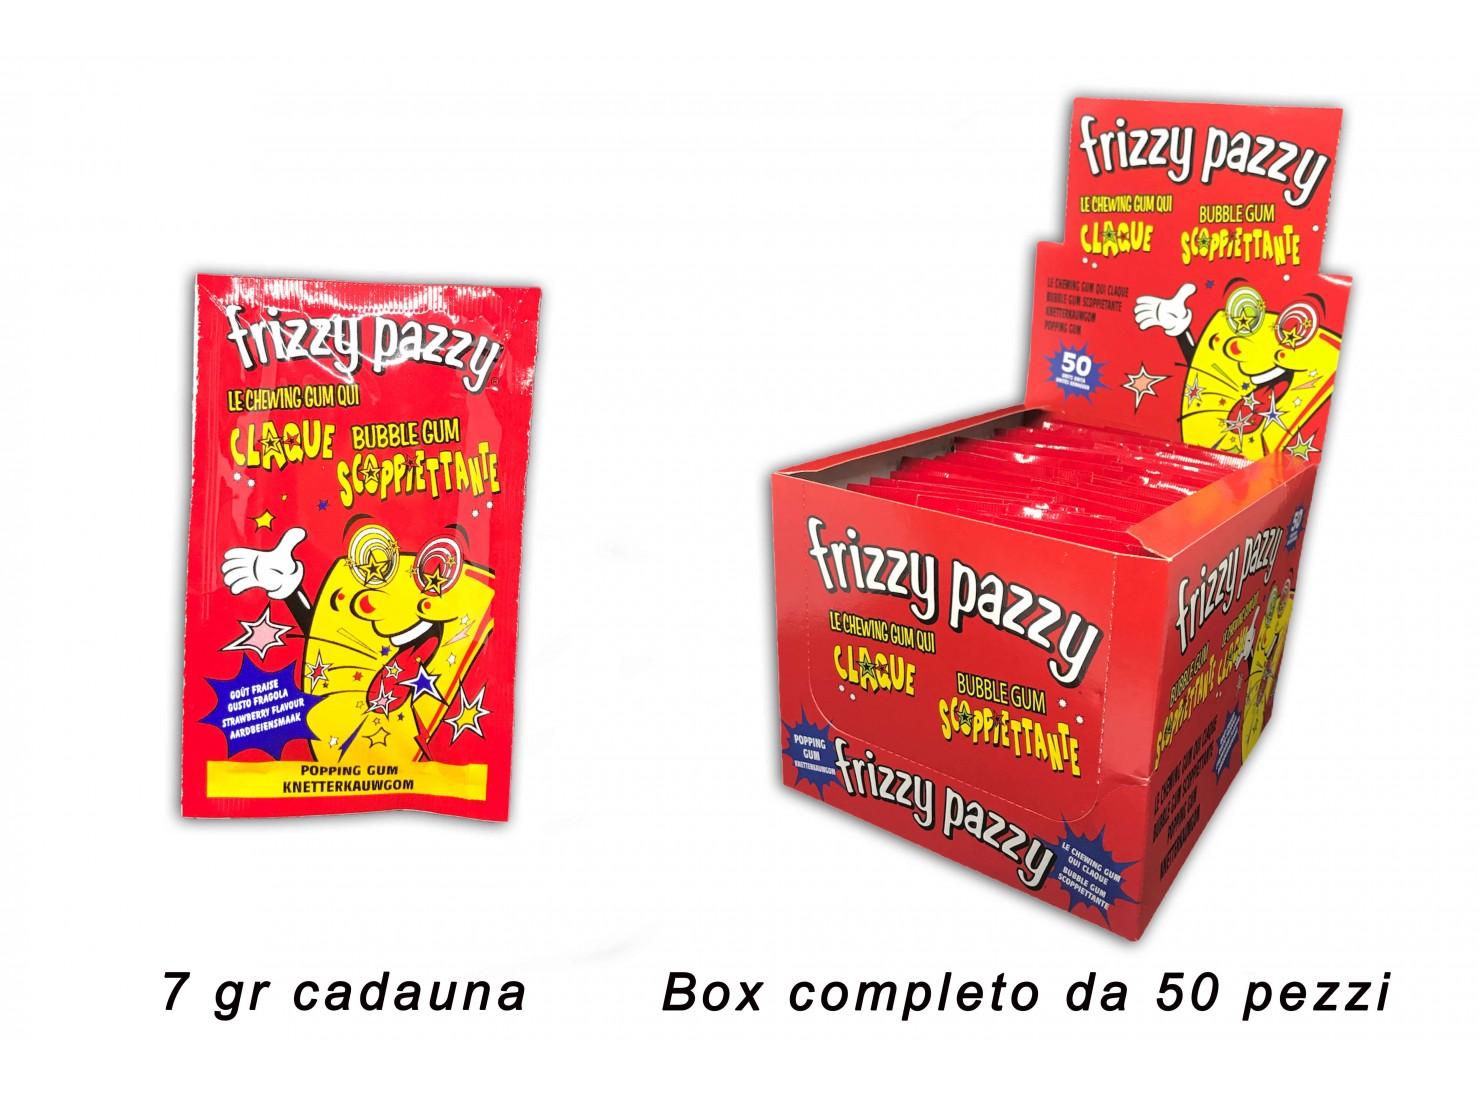 FRIZZY PAZZY FRAGOLA 7 GR